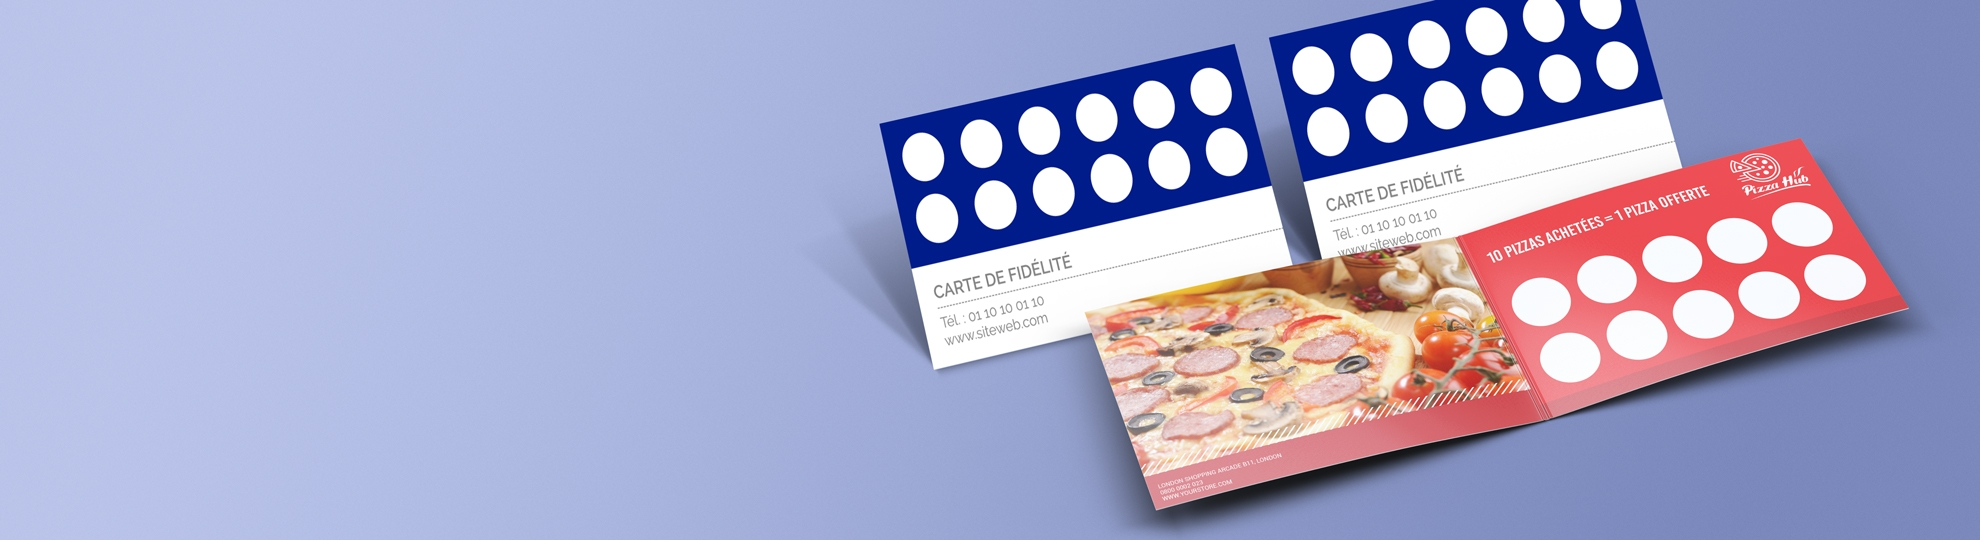 Imprimer carte de fidélité pas cher